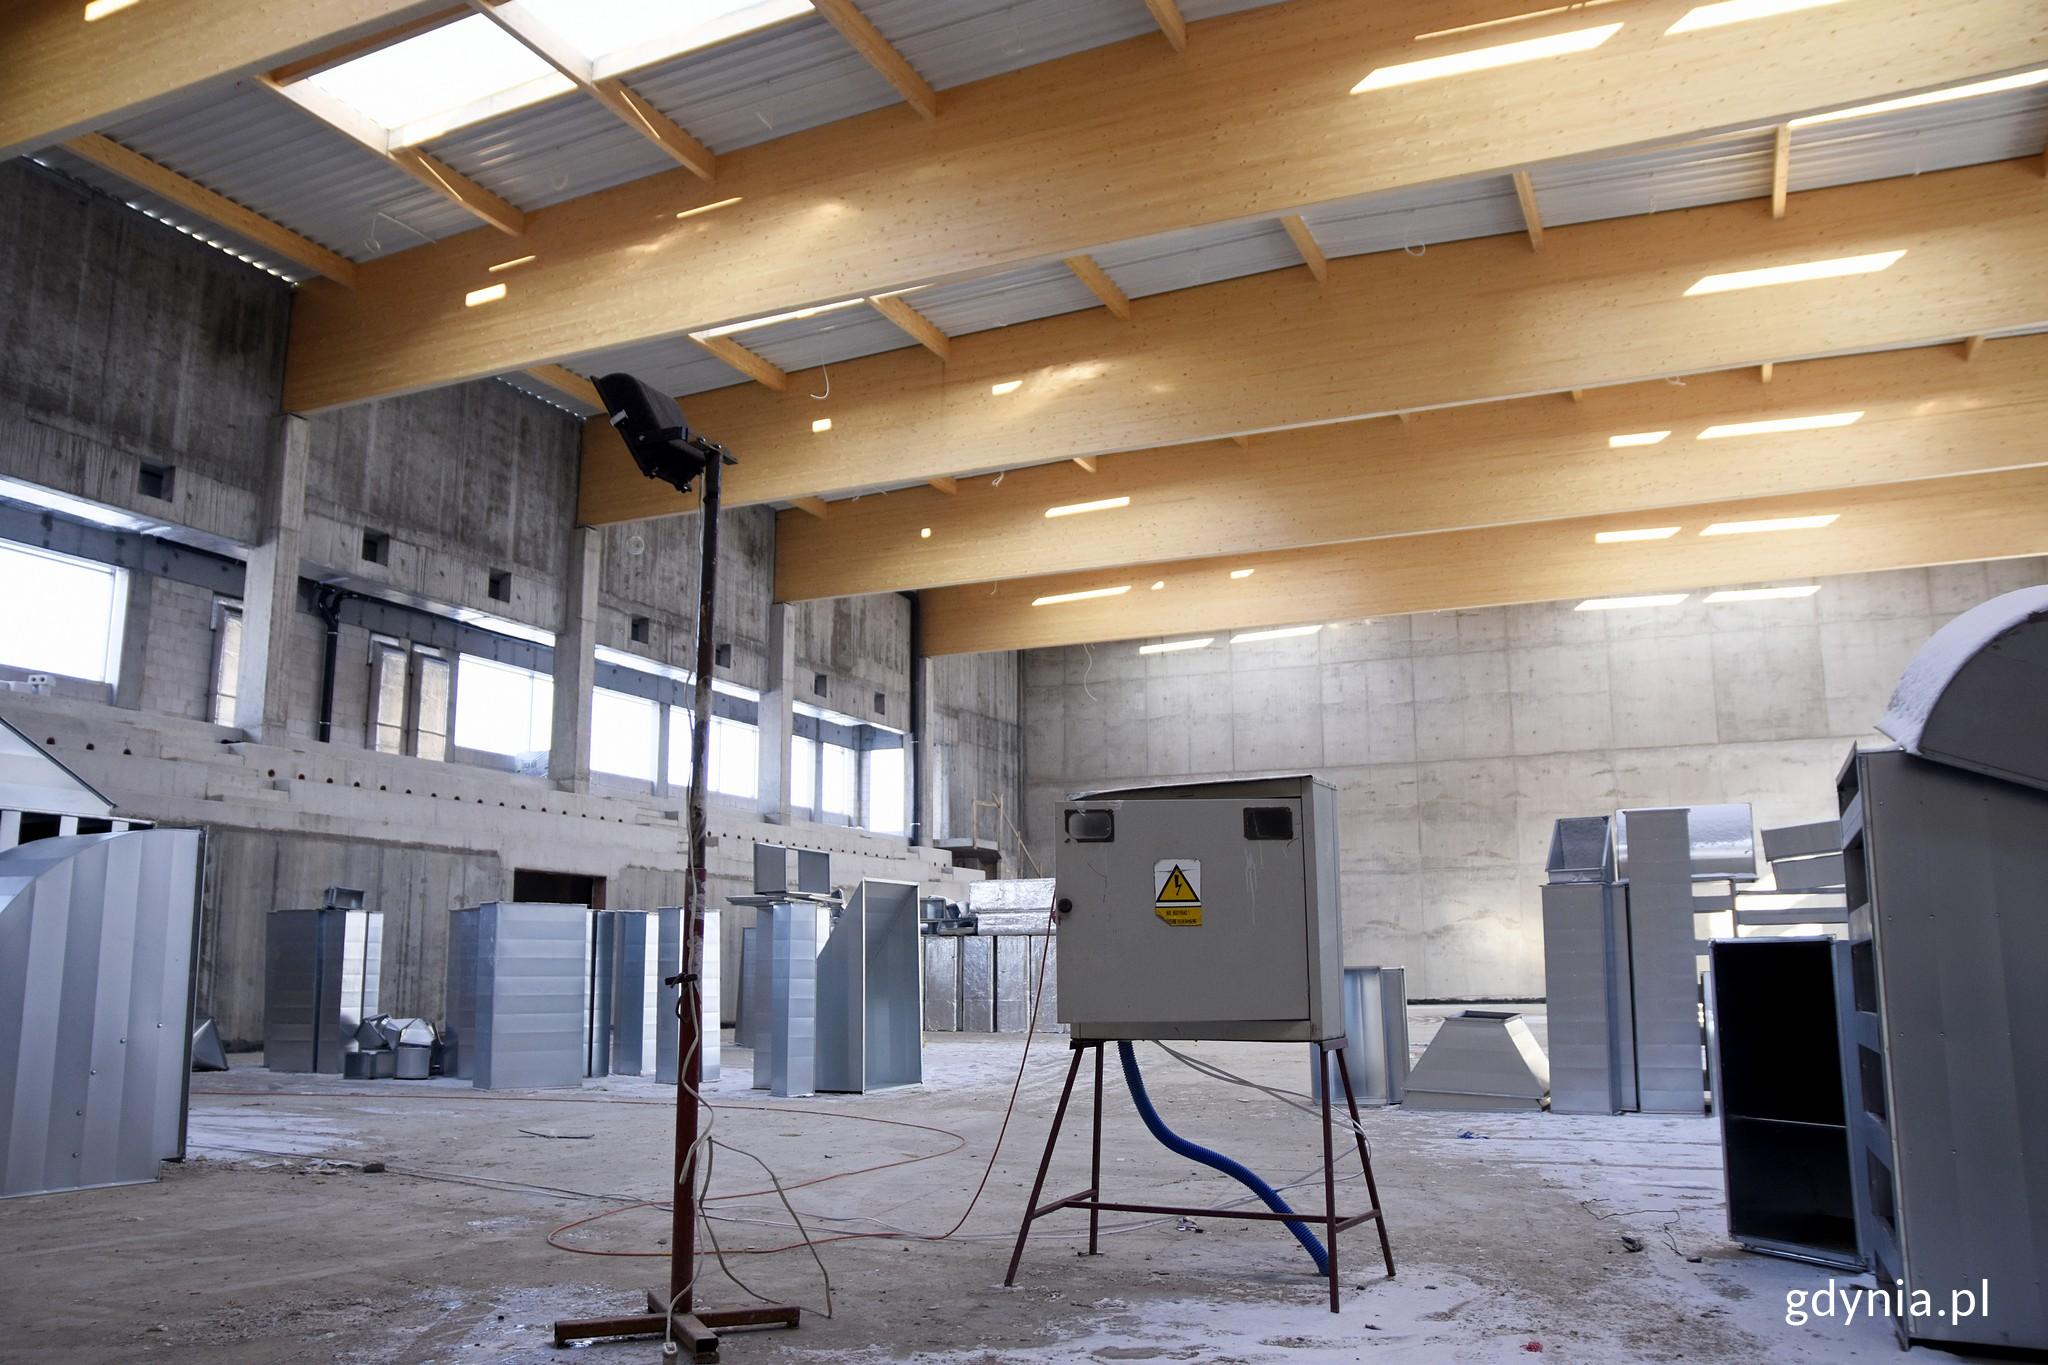 Pełowymiarowa hala sportowa w nowym kompleksie na Chwarznie-Wiczlinie, fot. Kamil Złoch